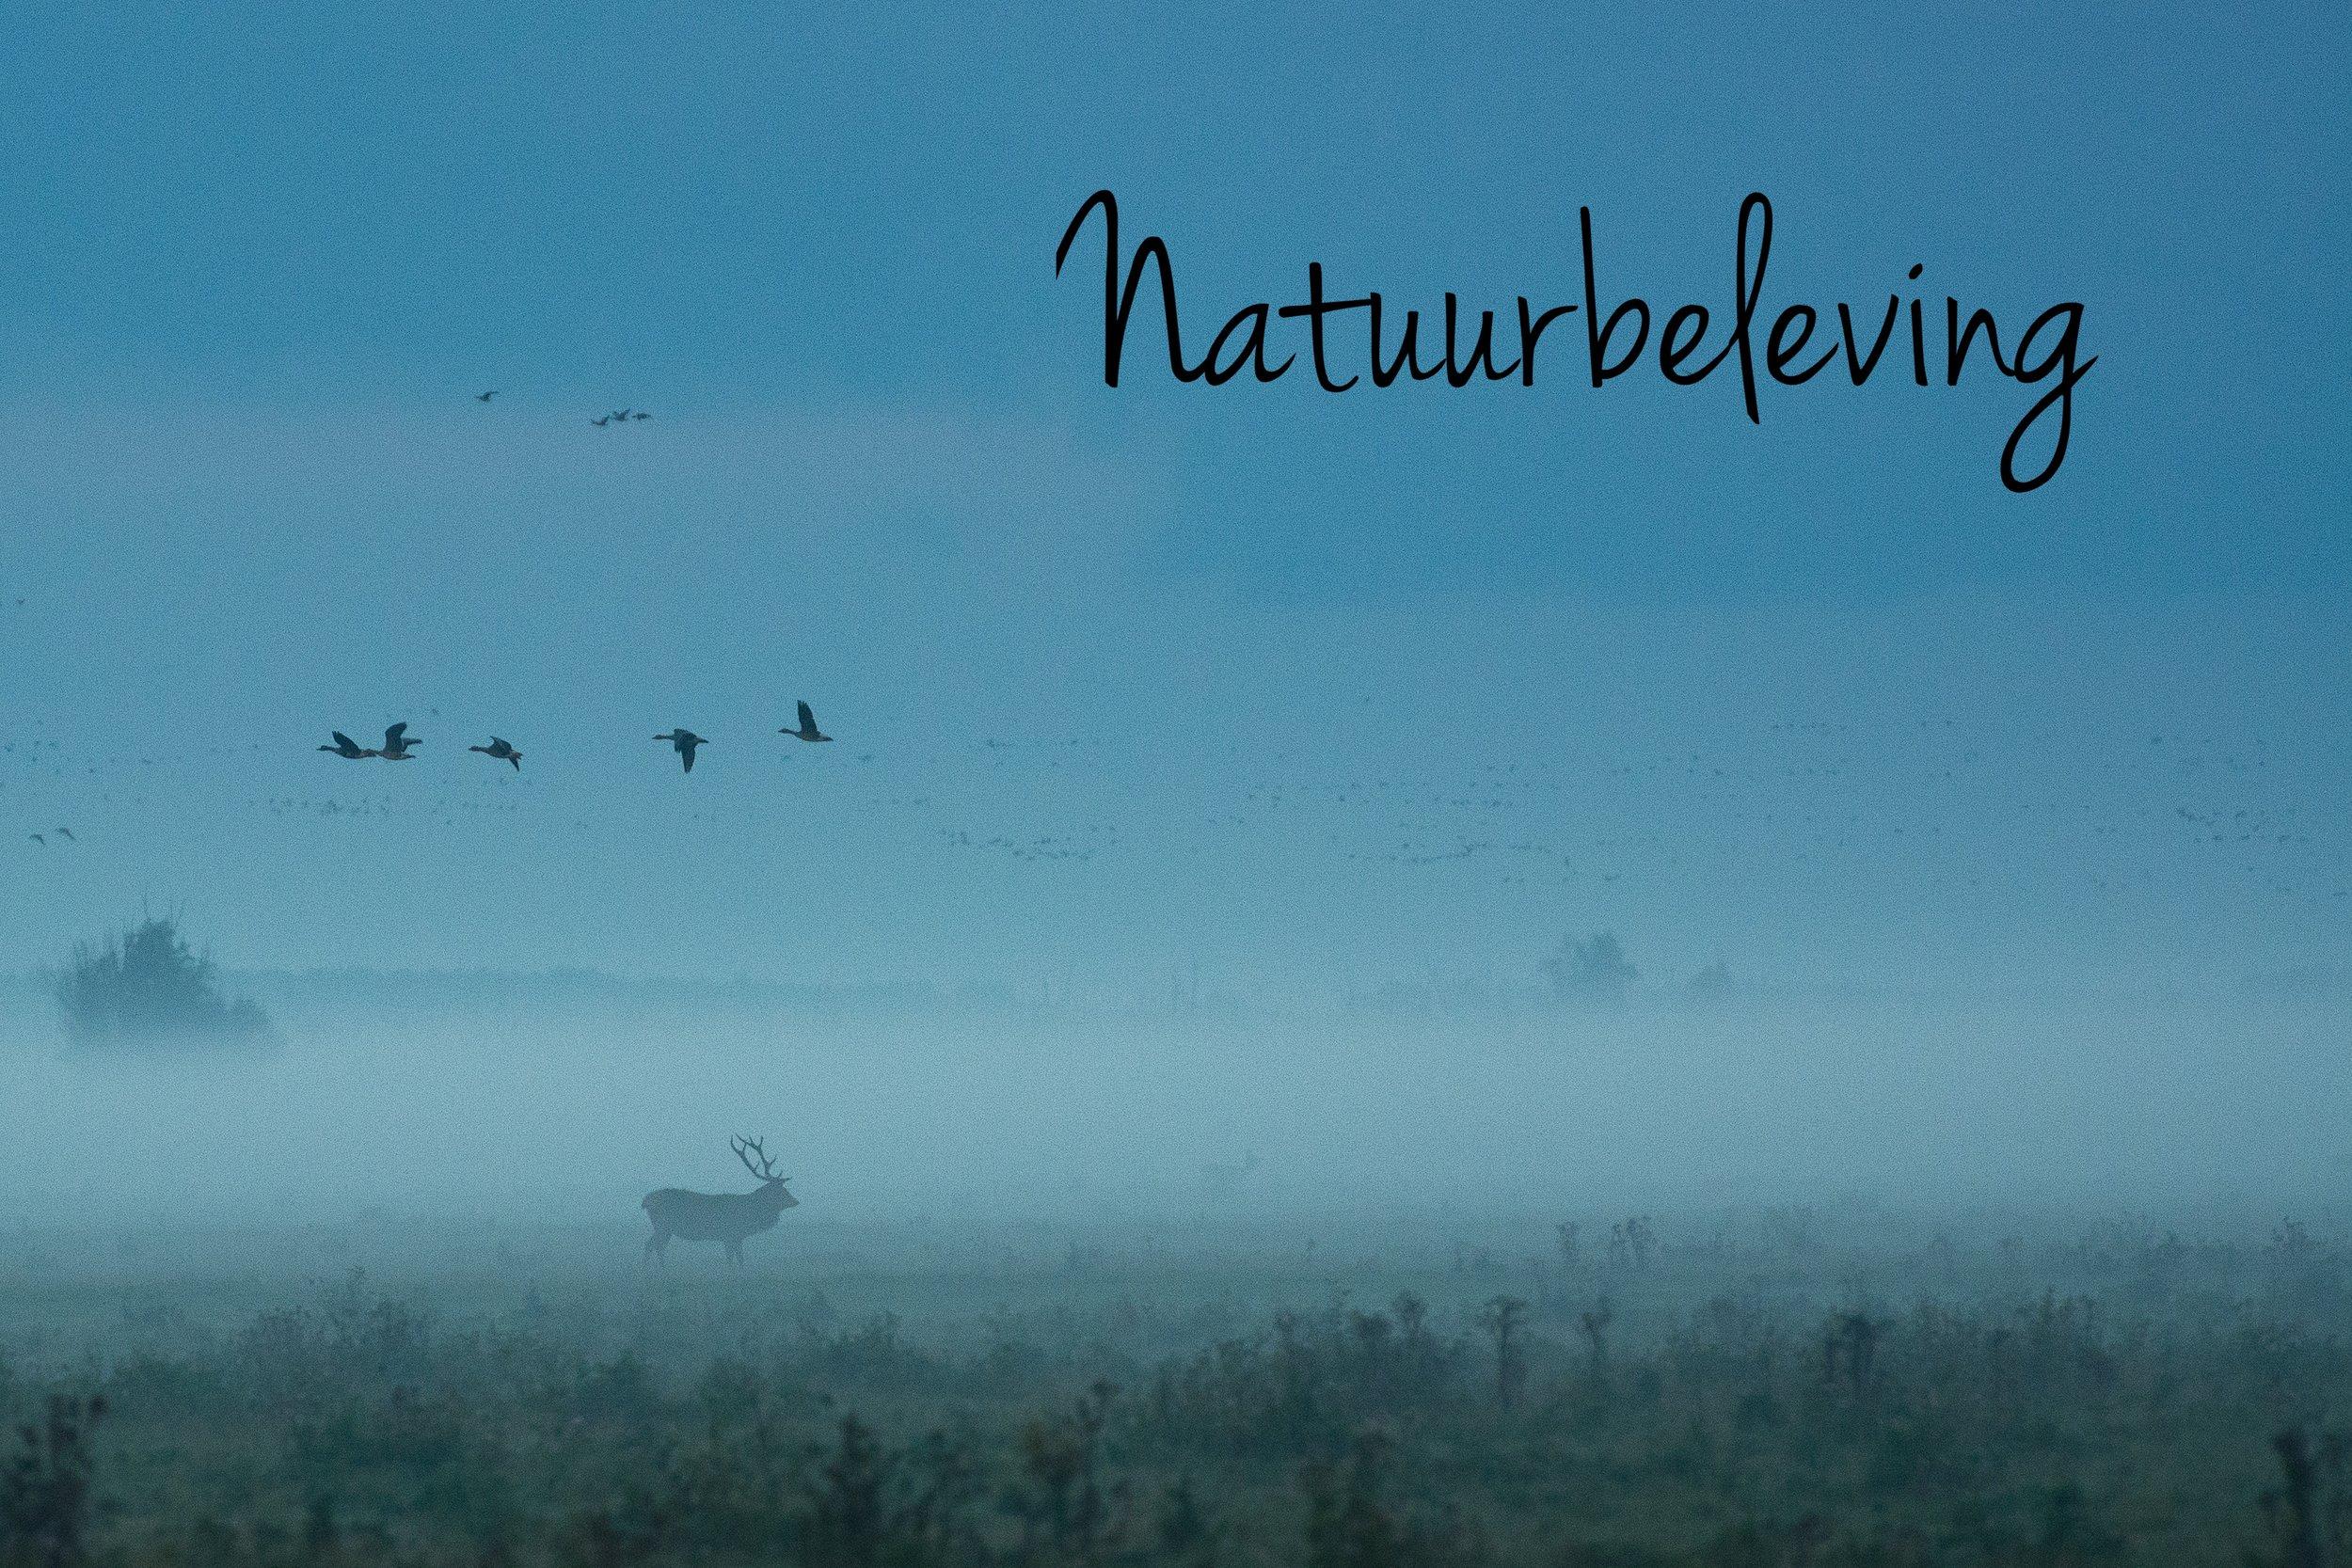 Van arenden en zwermen trekvogels in de lucht, zeehonden, otters, dolfijnen en haaien in het water, en burlende herten op het land: wij kiezen de herfst.